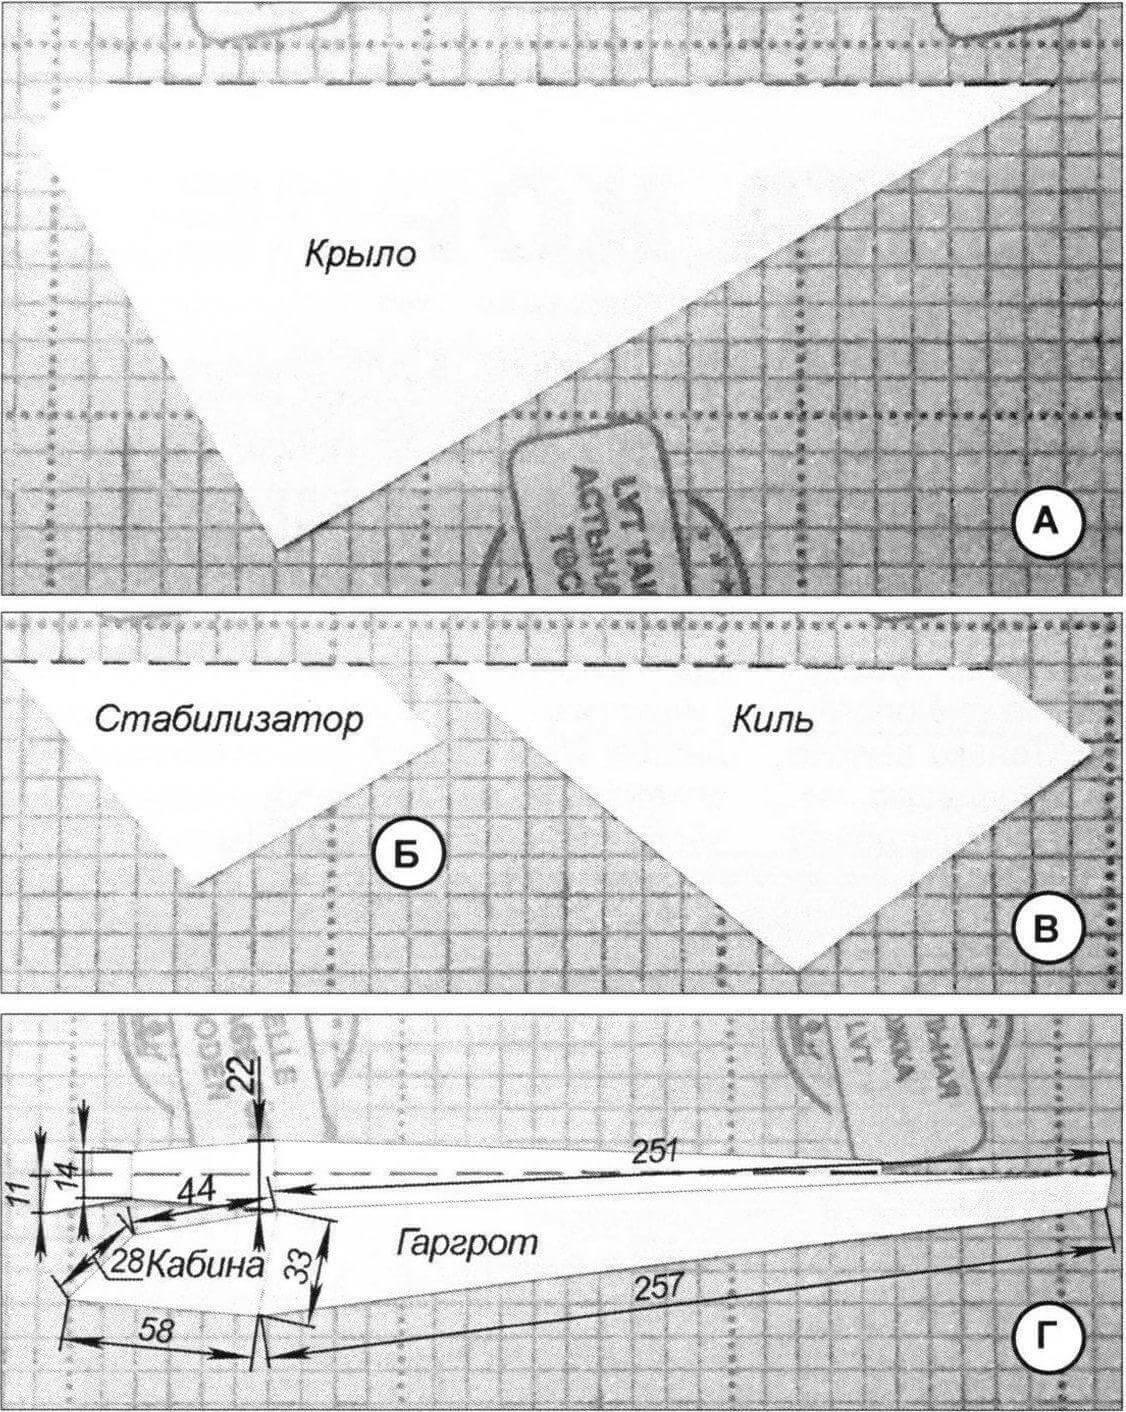 Готовим выкройки шаблонов крыла (А), стабилизатора (Б), киля (В) и гаргрота (Г)